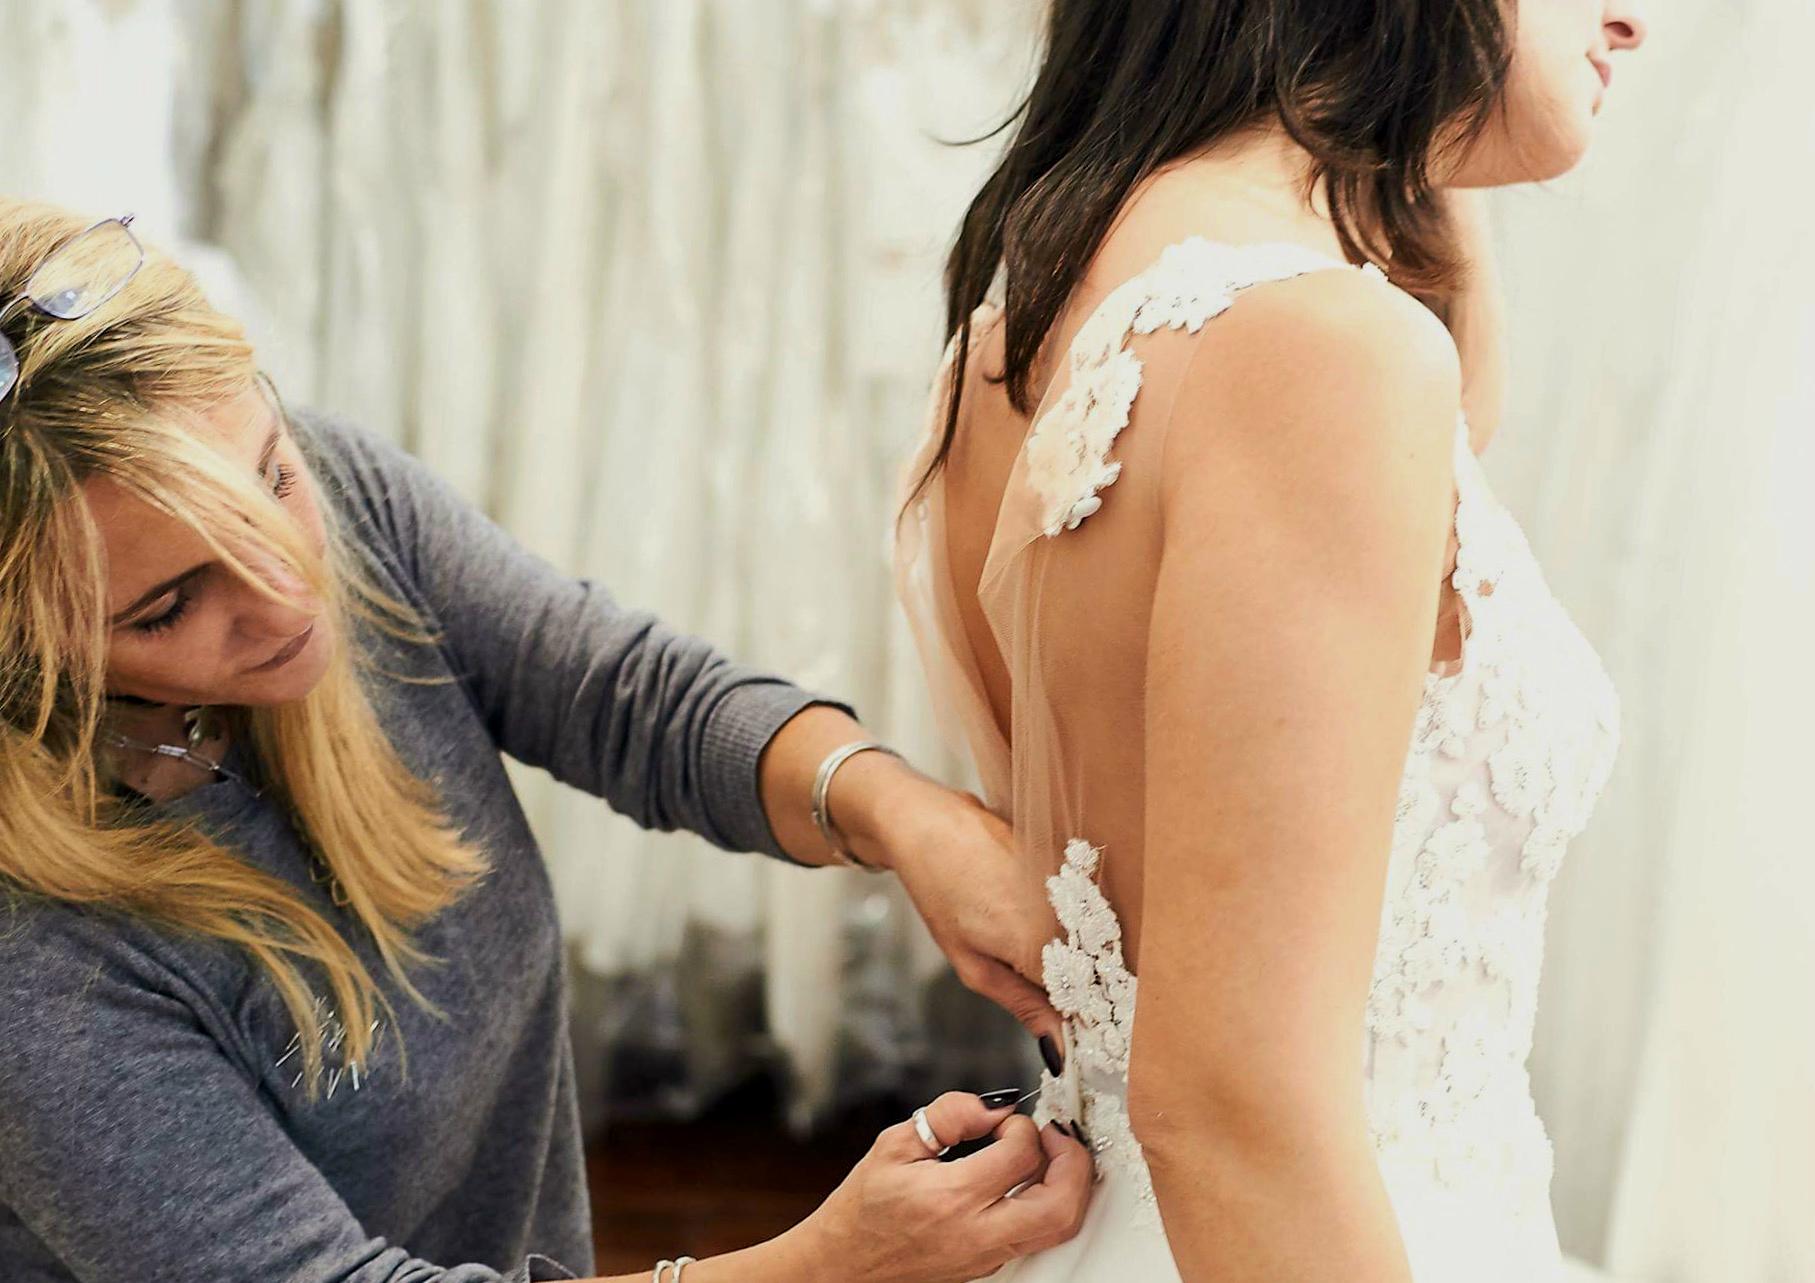 La prima prova degli abiti da sposa va fatta con serenità